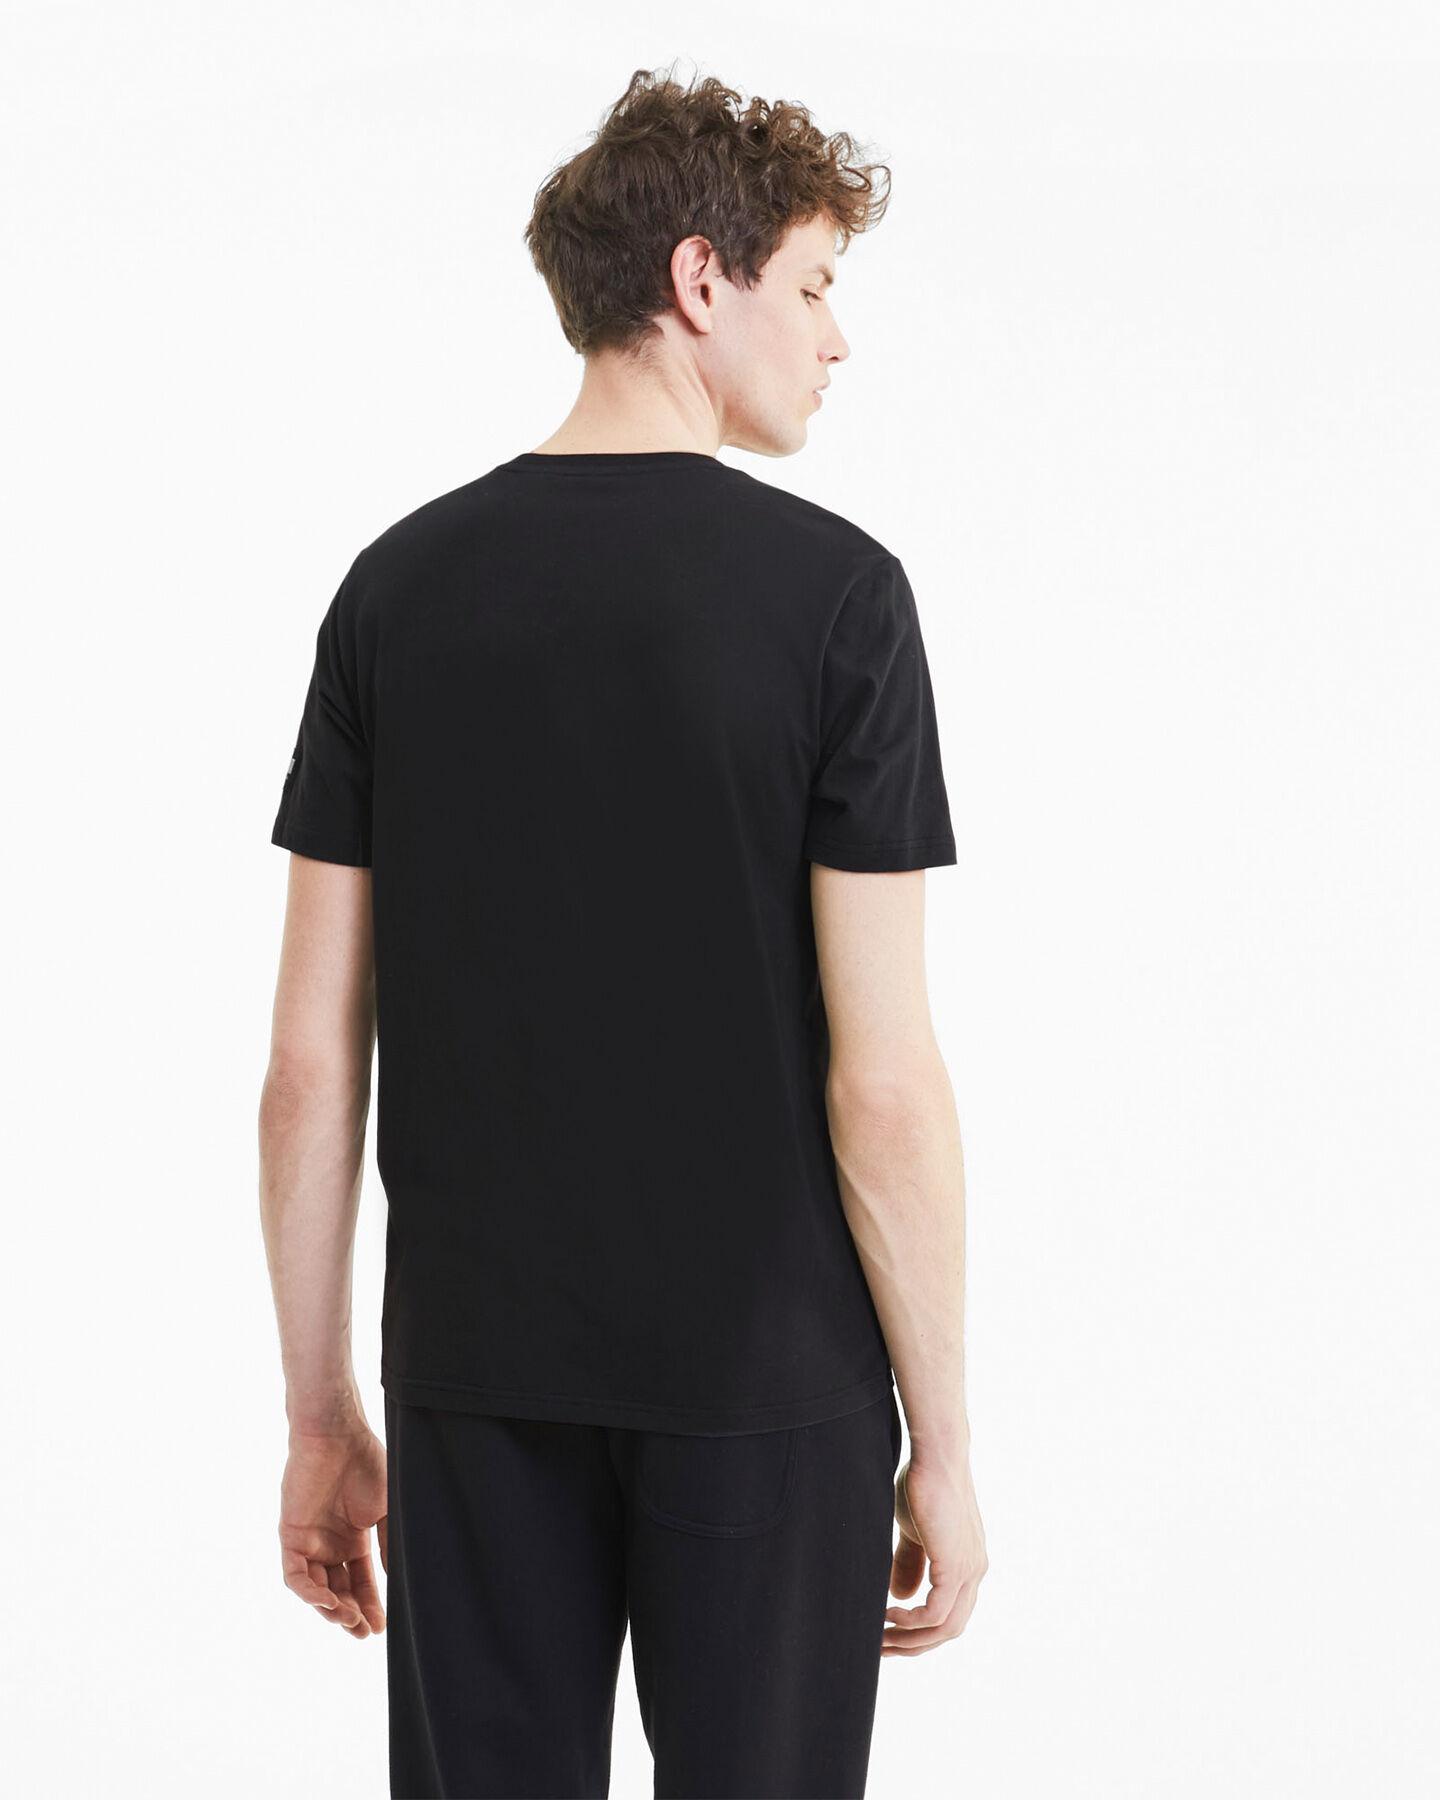 T-Shirt PUMA ATHTLETIC M S5235064|01|S scatto 3